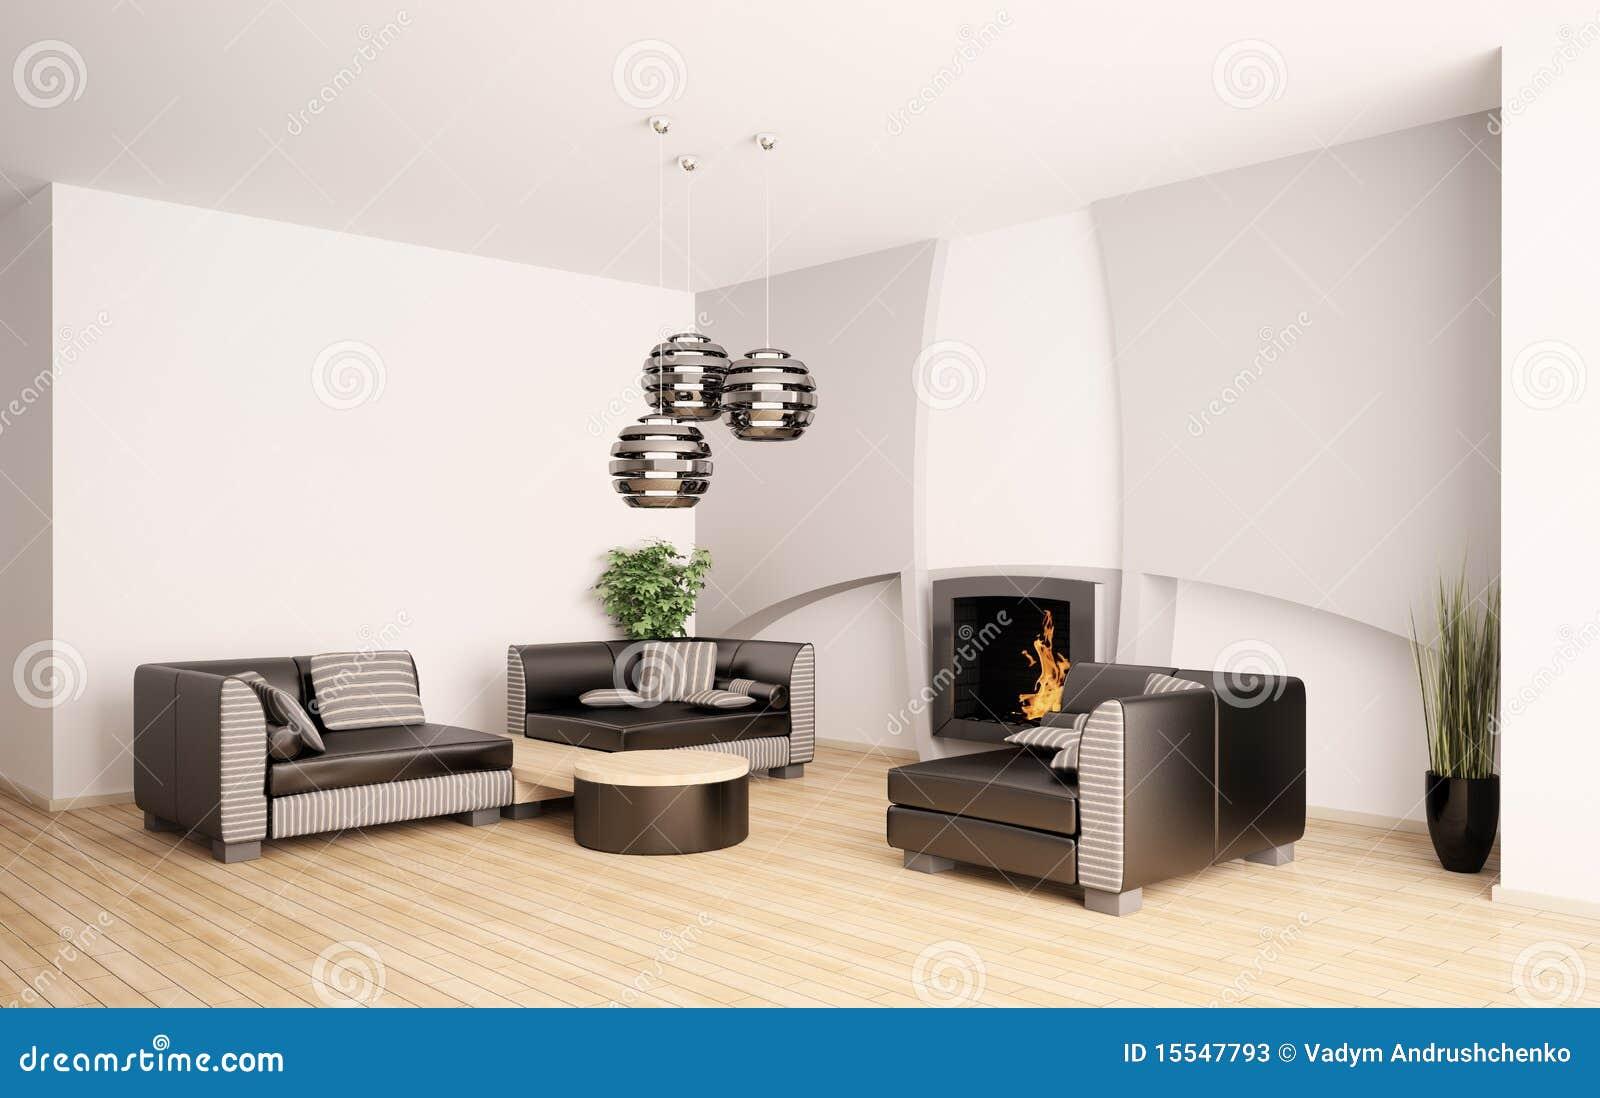 immagini soggiorni moderni con camino: salone moderno alla moda ... - Salone Moderno Con Camino